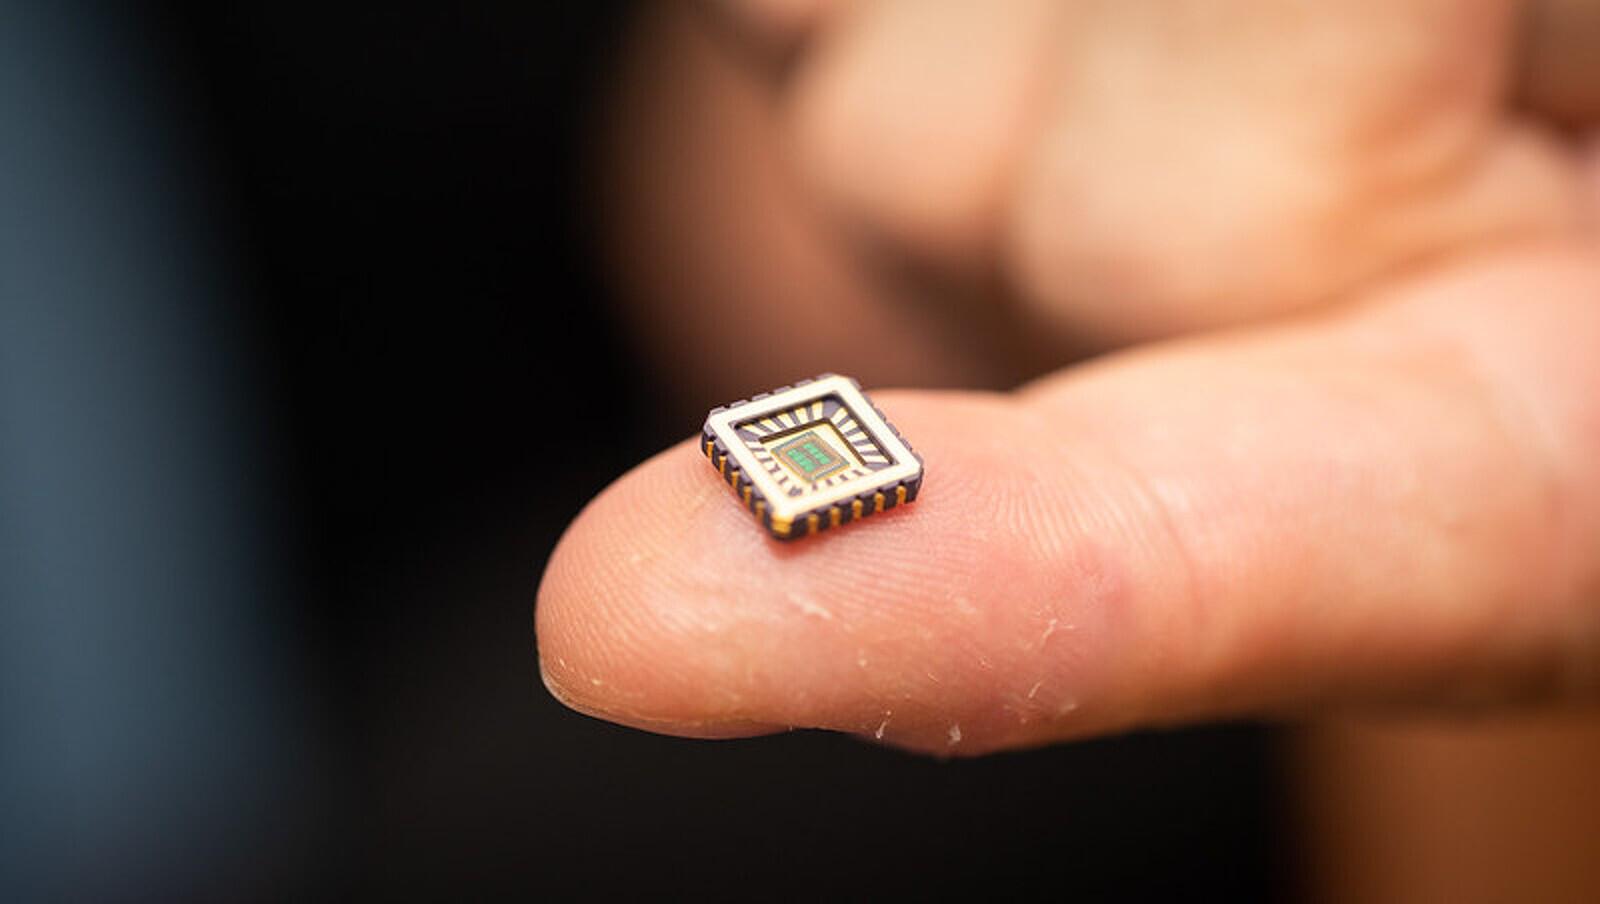 Un dels circuits neuronals artificials desenvolupats a Anglaterra